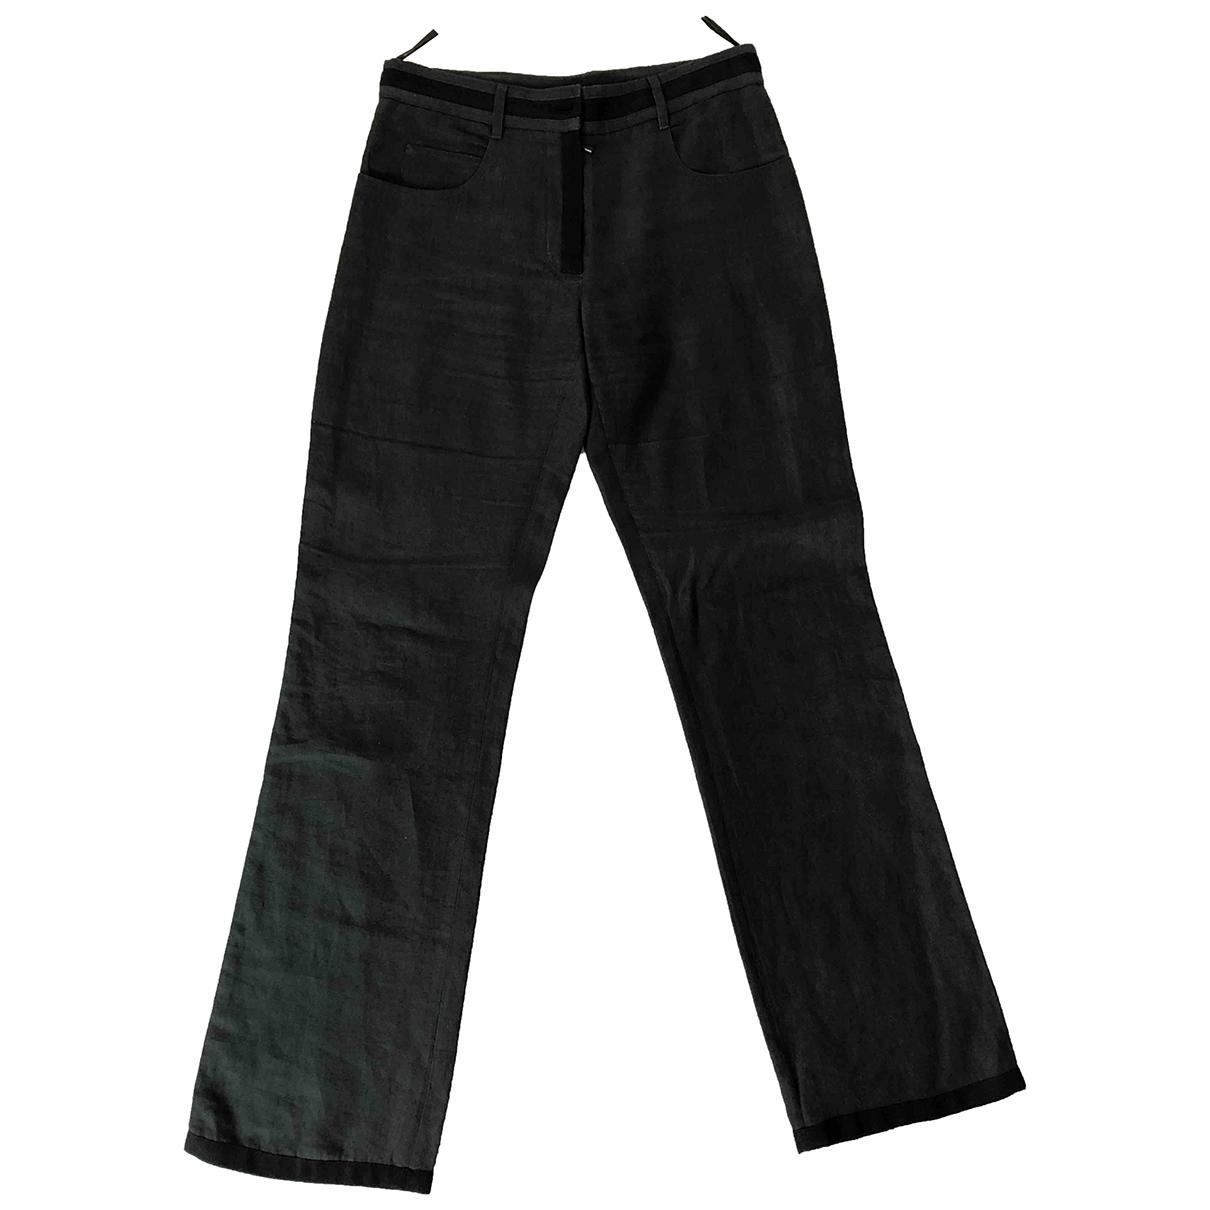 Pantalon de traje de Lino Chanel